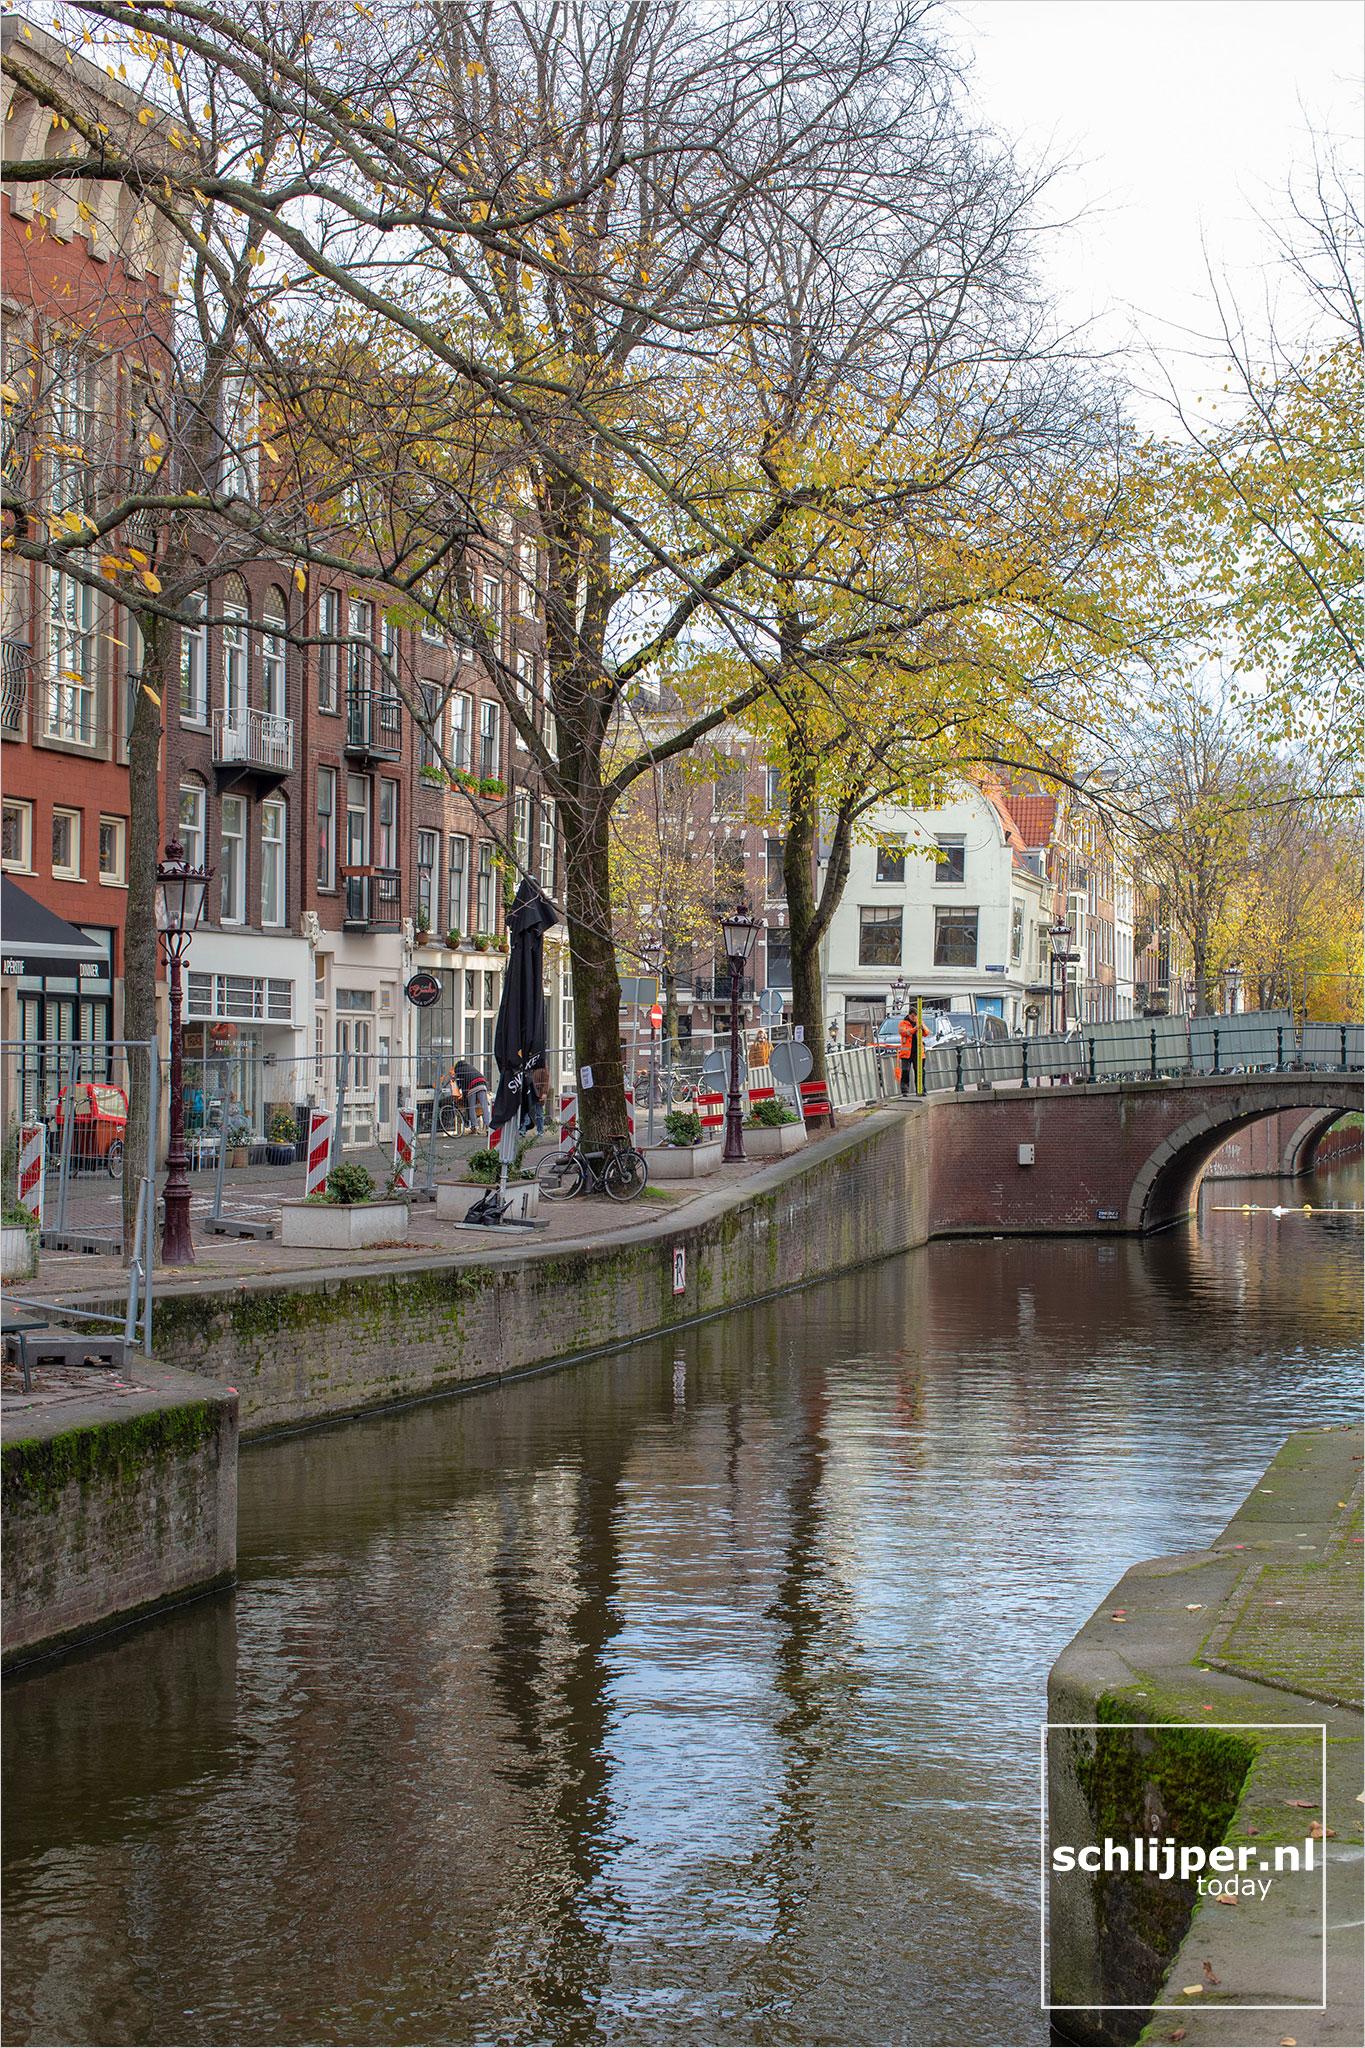 Nederland, Amsterdam, 20 november 2020